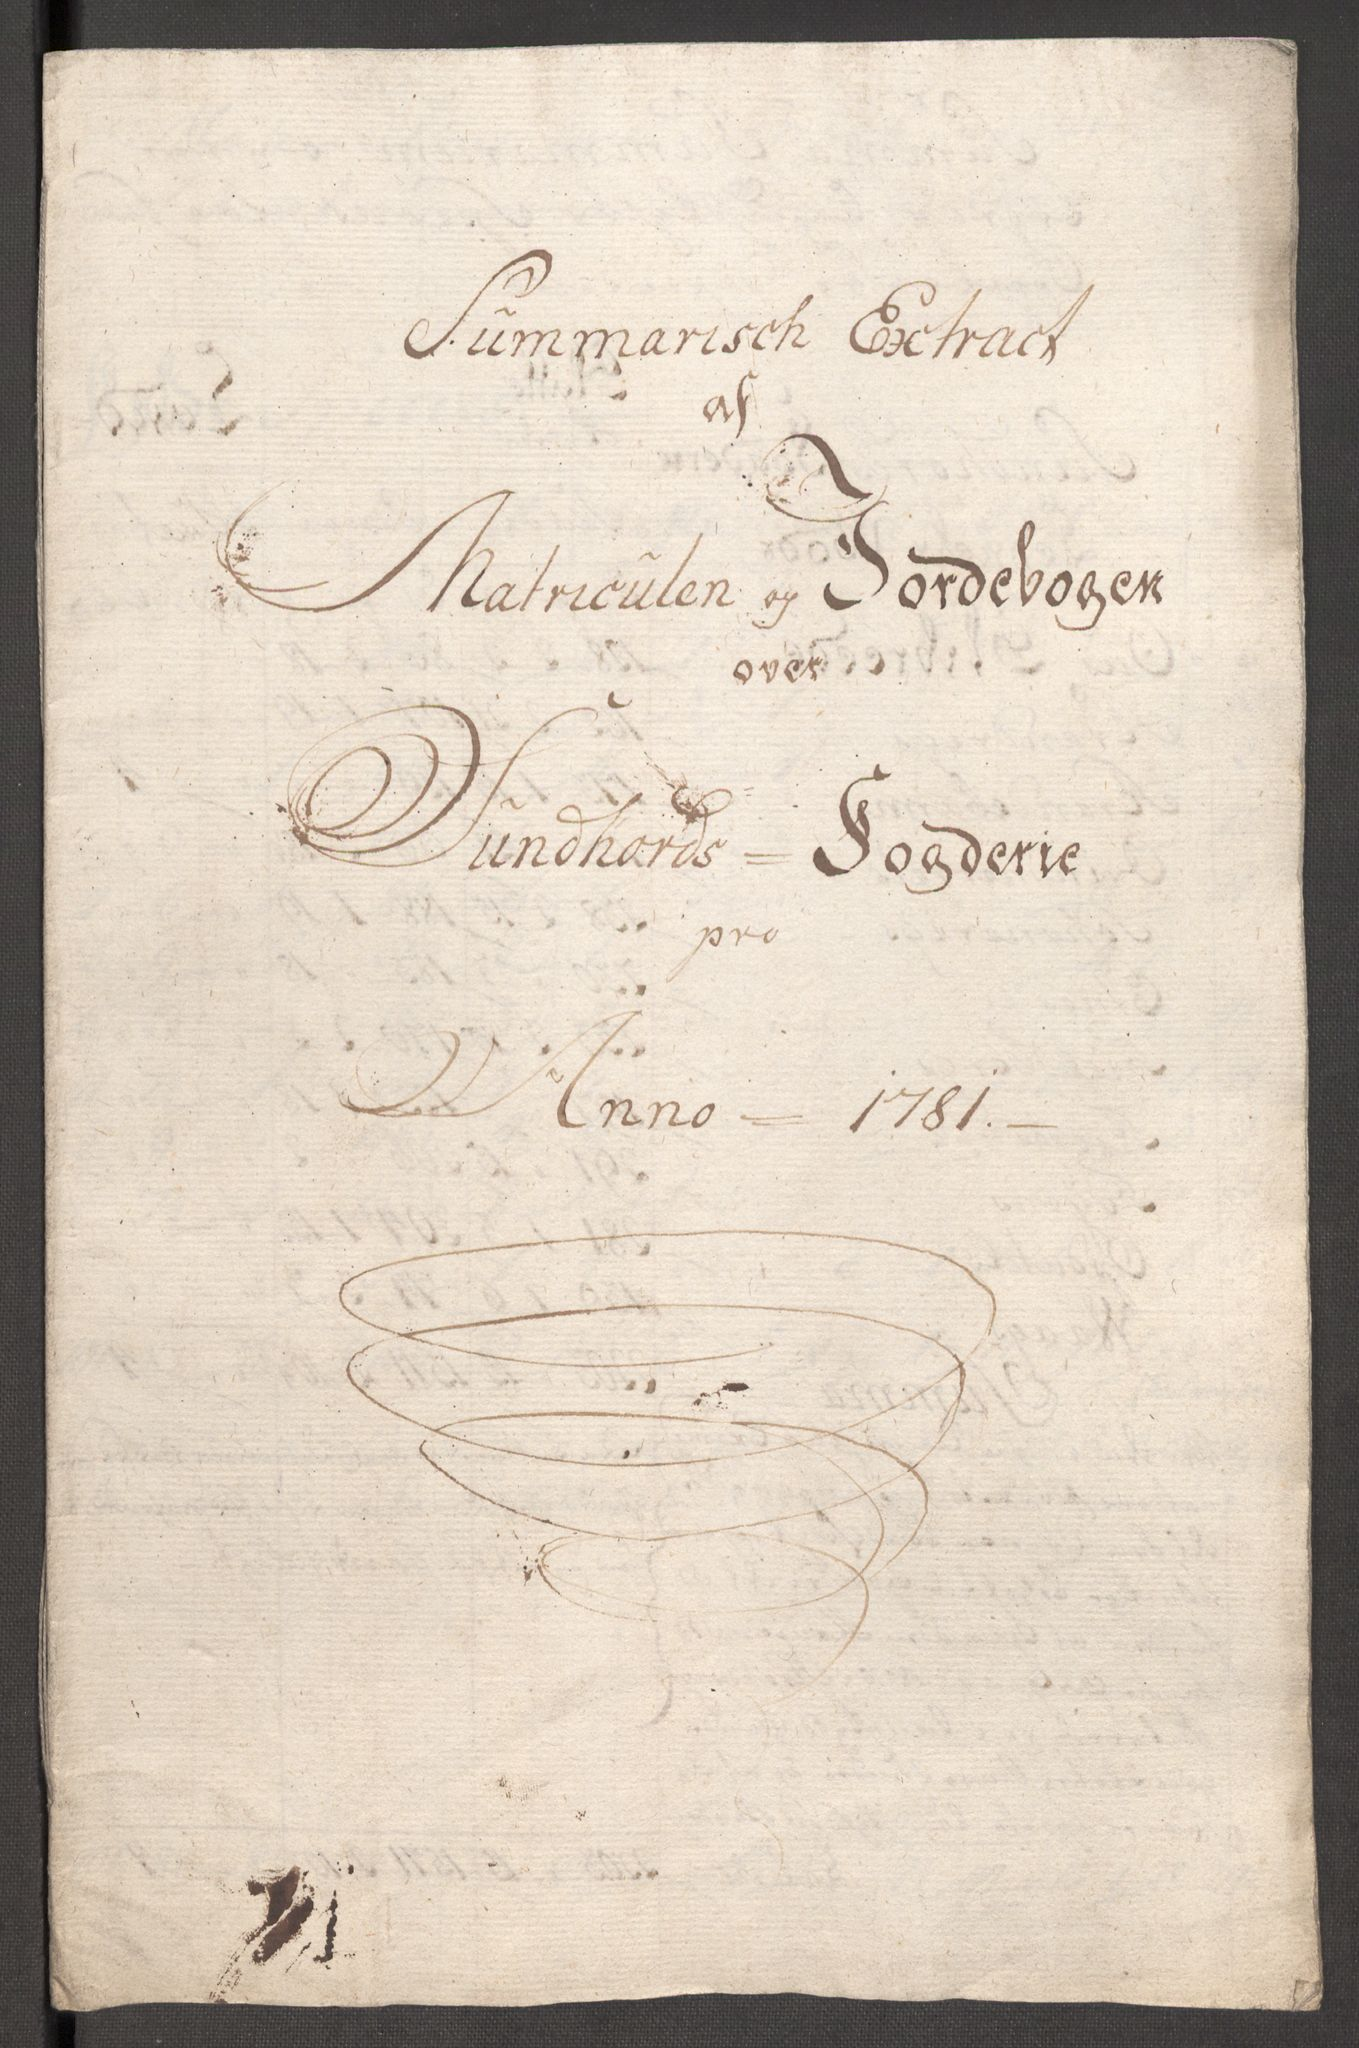 RA, Rentekammeret inntil 1814, Reviderte regnskaper, Fogderegnskap, R48/L3097: Fogderegnskap Sunnhordland og Hardanger, 1781, s. 44